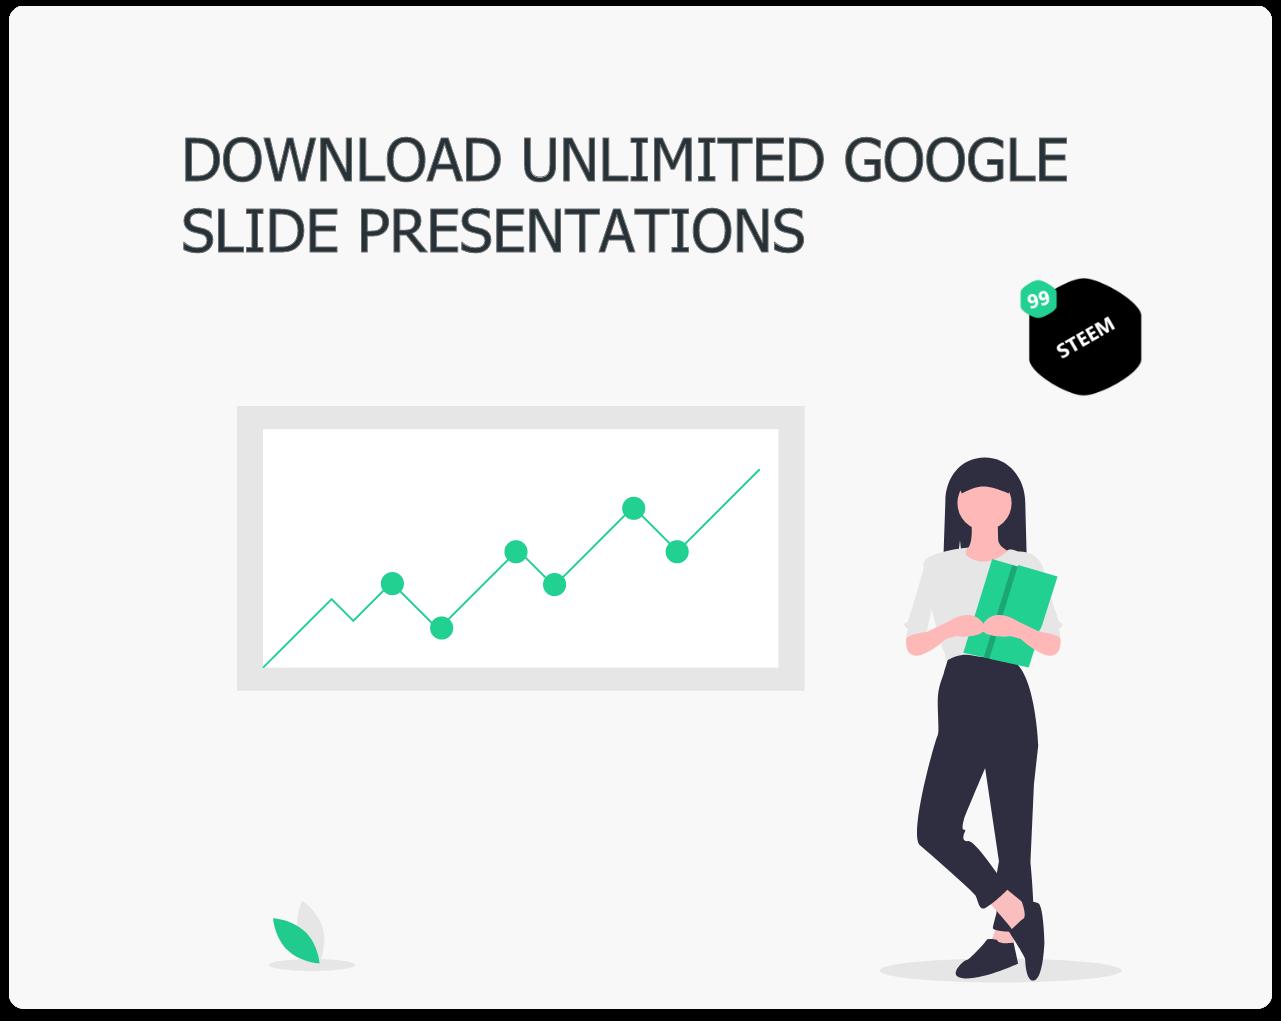 Download Unlimited Google Slide Presentations